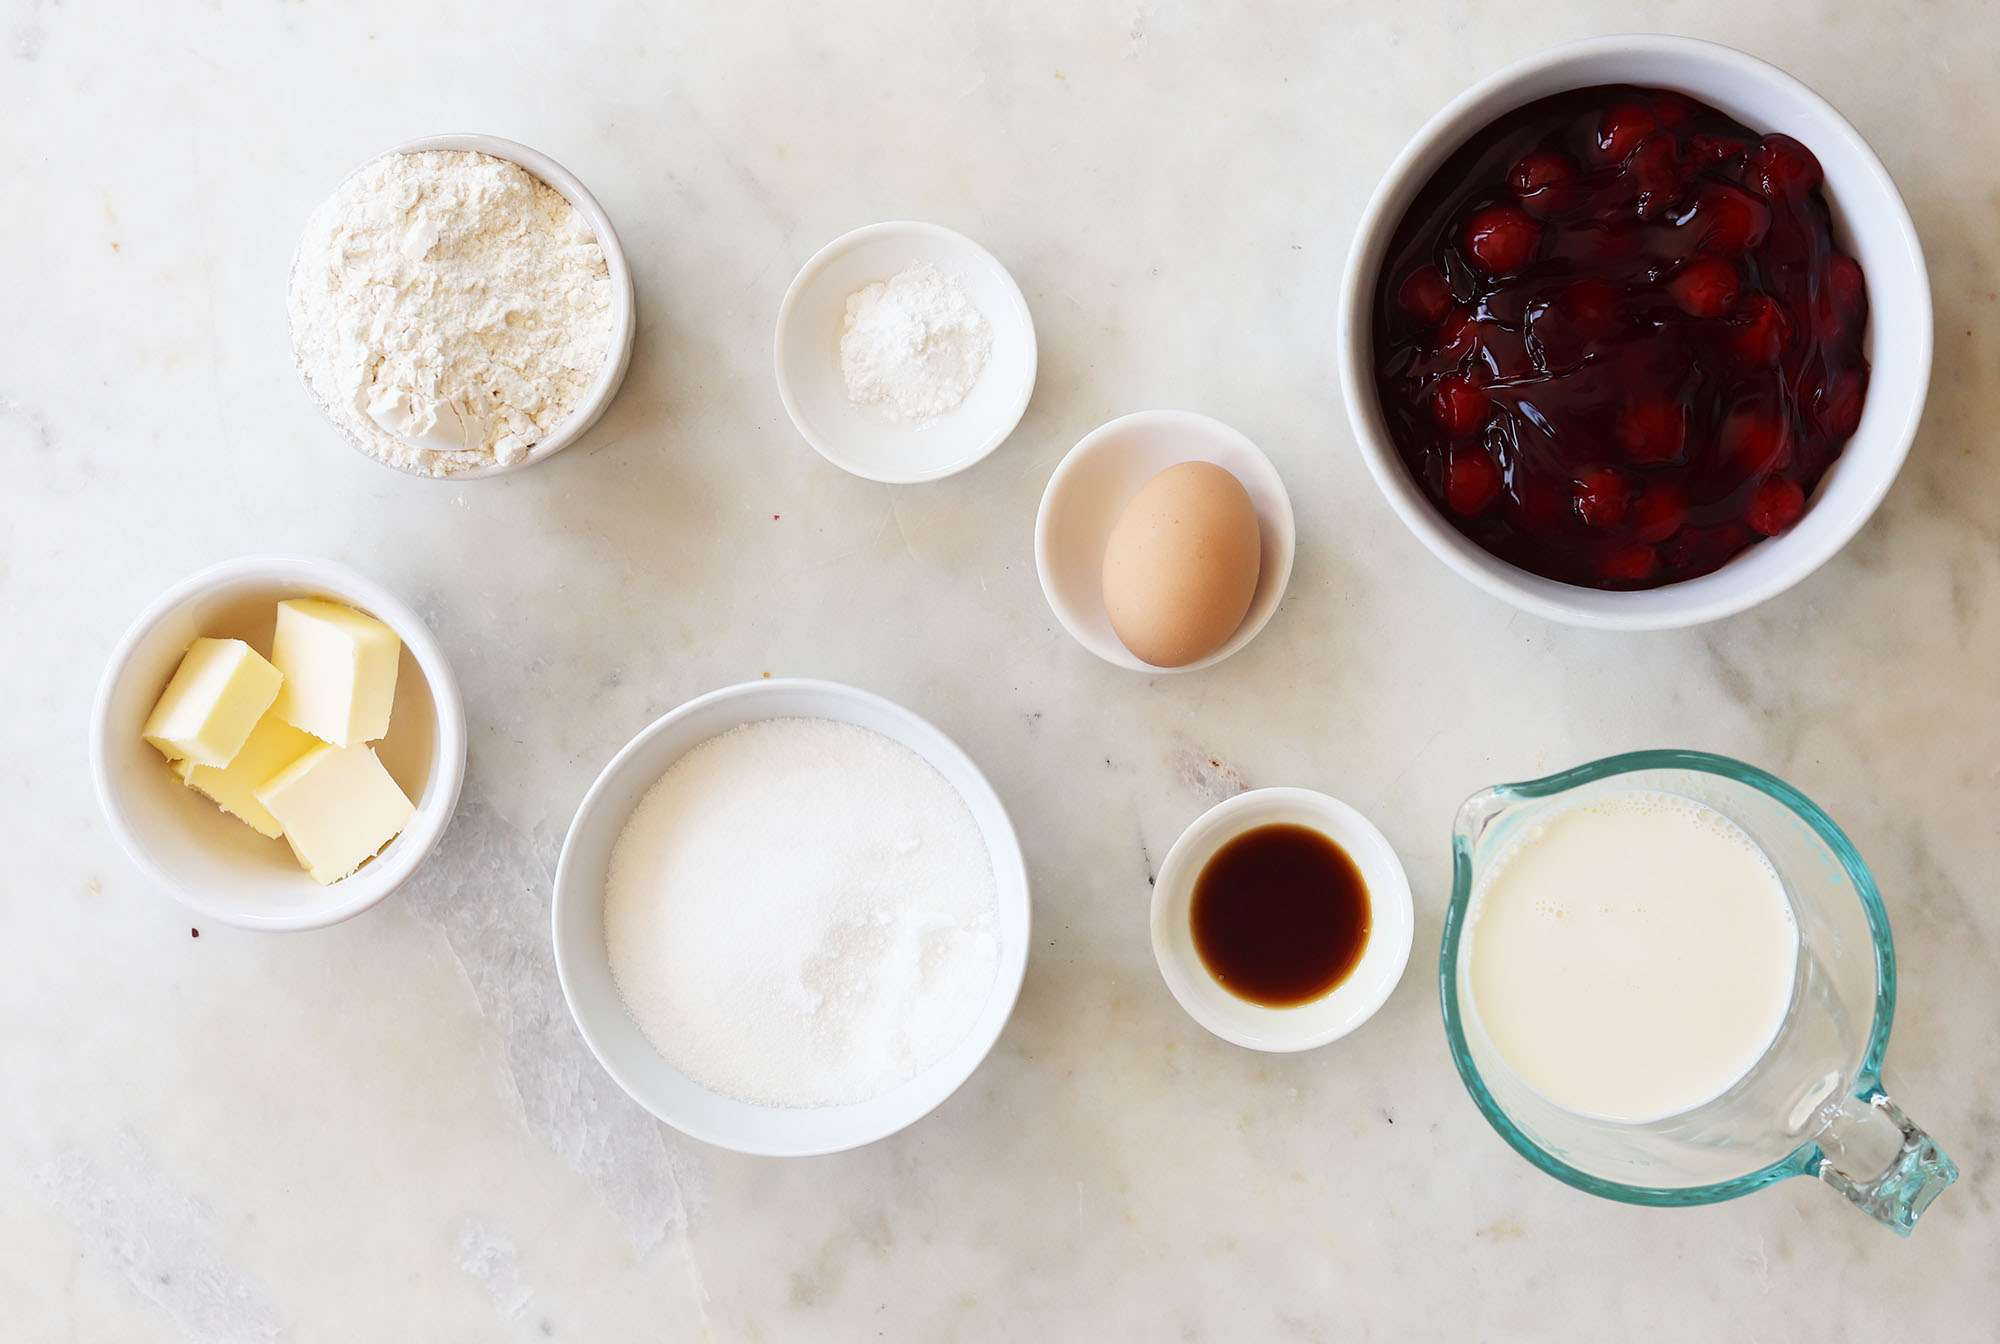 cherry cobbler ingredients